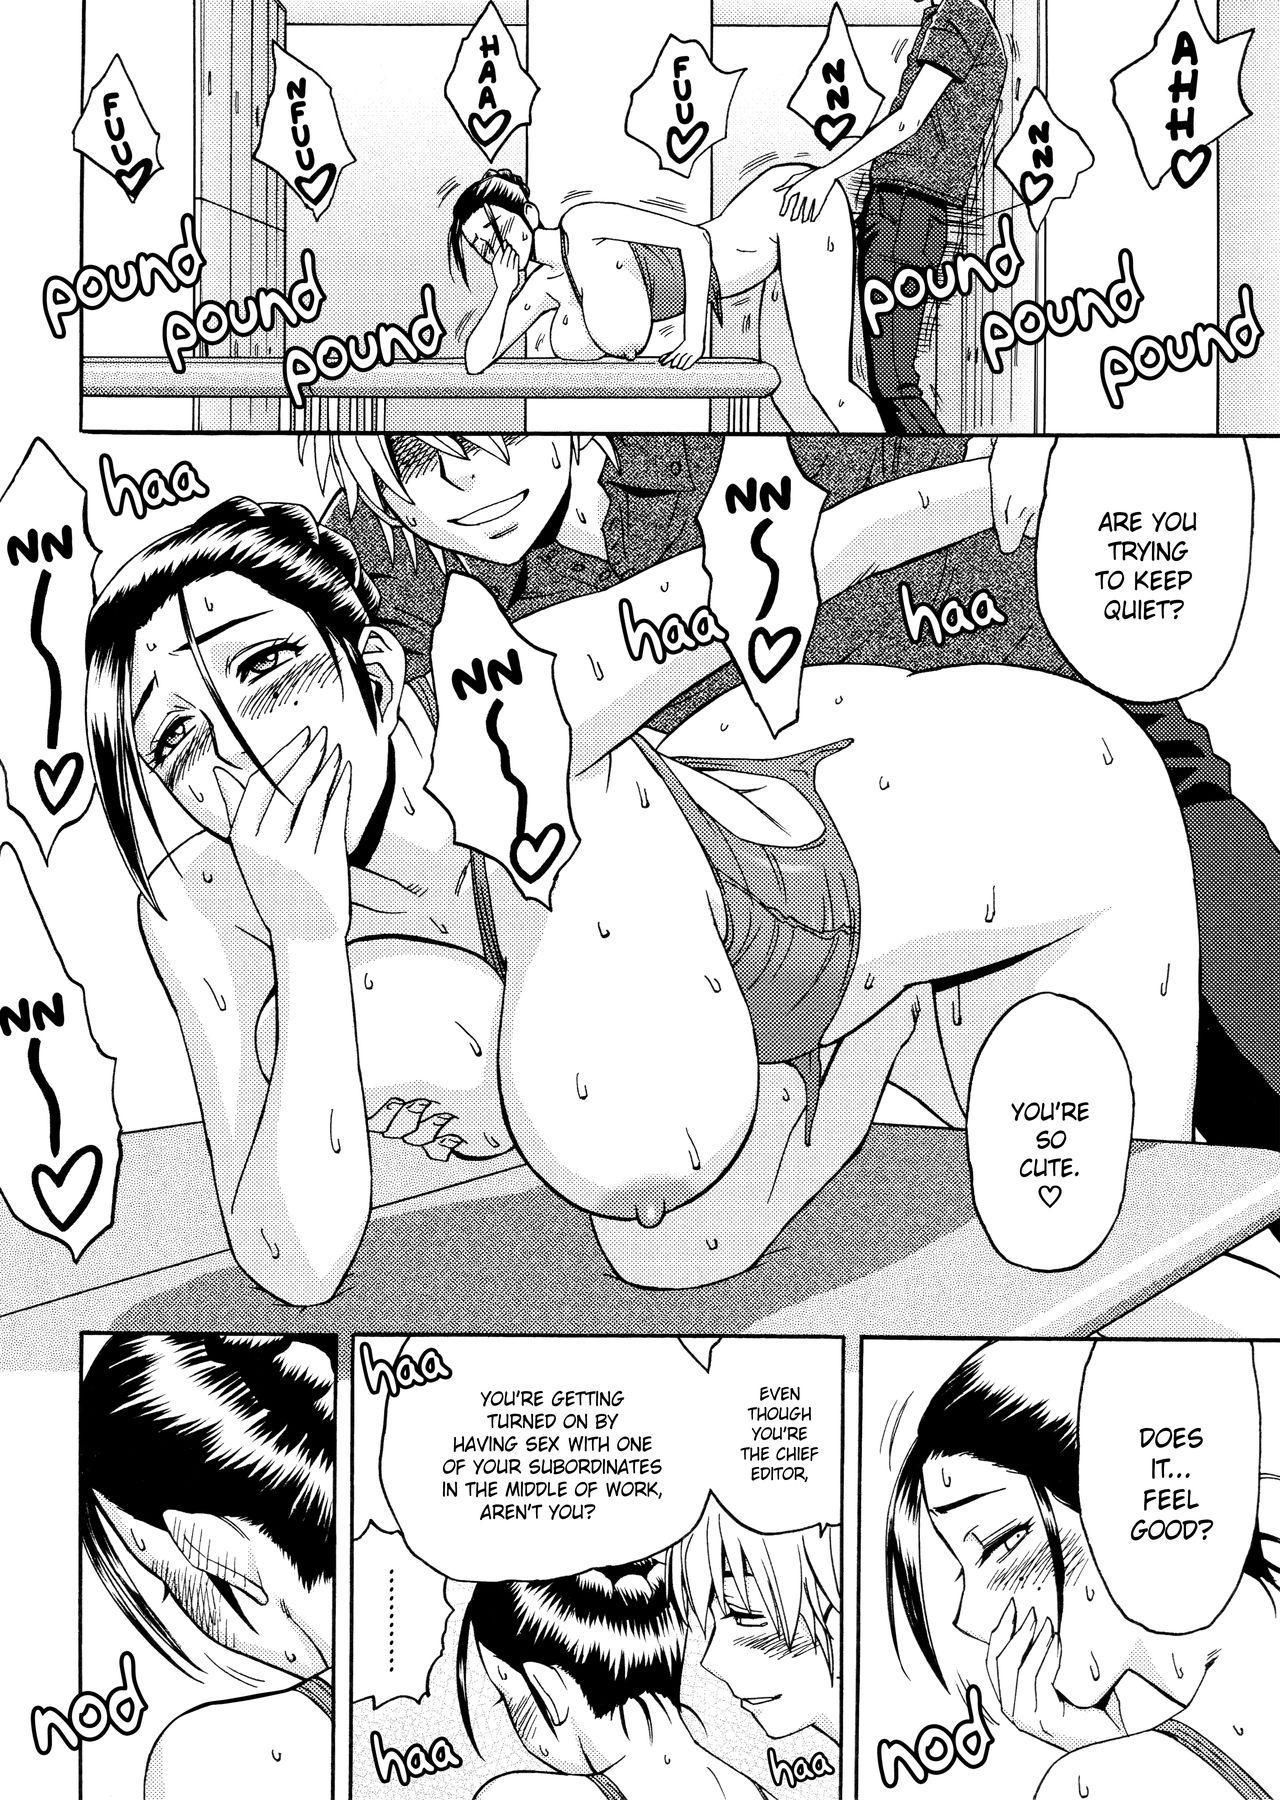 [Tatsunami Youtoku, Yamazaki Masato] Bijin Henshuu-chou no Himitsu | Beautiful Editor-in-Chief's Secret Ch. 1-3 [English] [Forbiddenfetish77, Red Vodka] [Decensored] 39